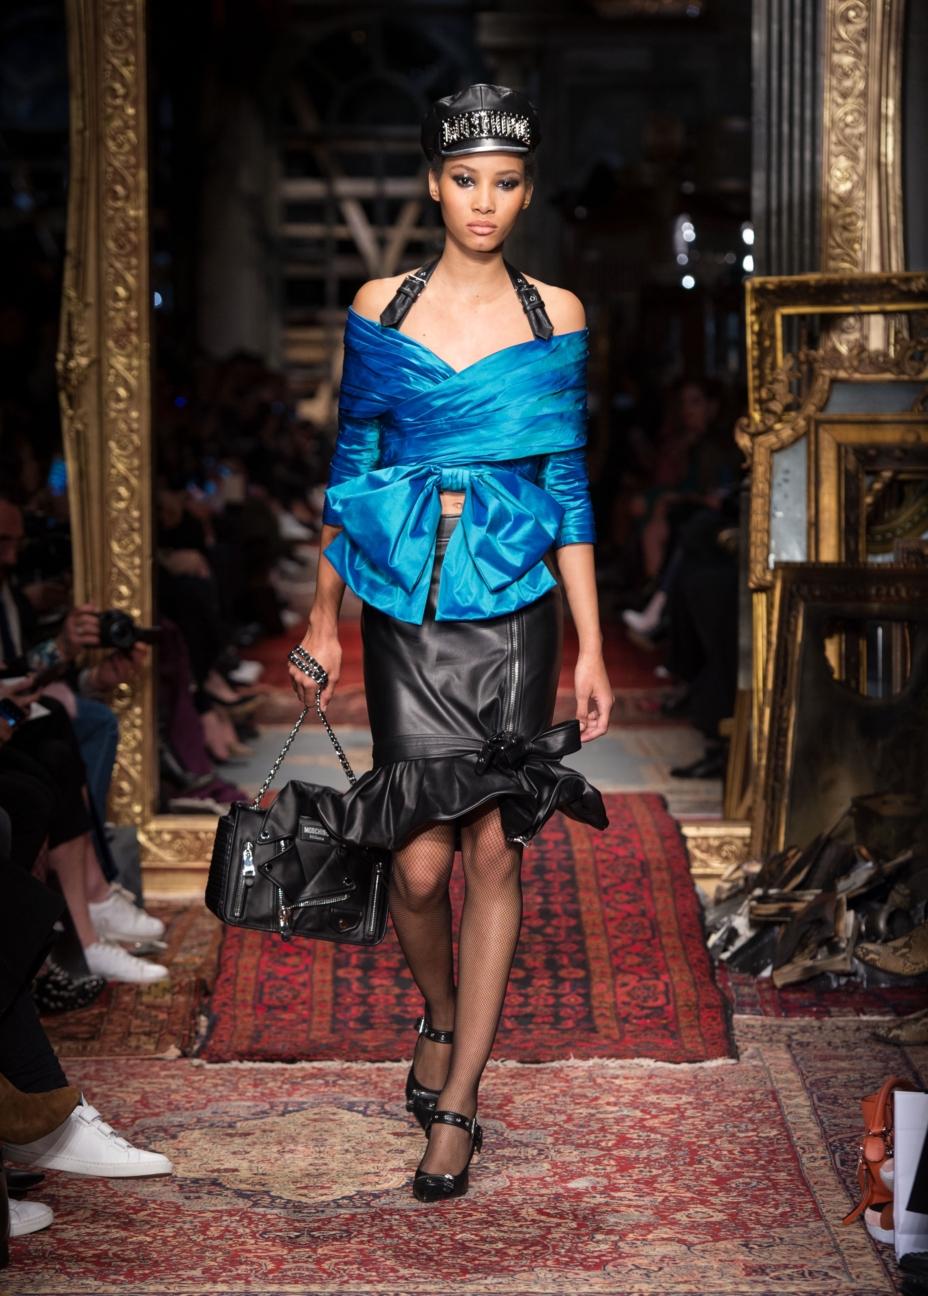 moschino-milan-fashion-week-aw-16-17